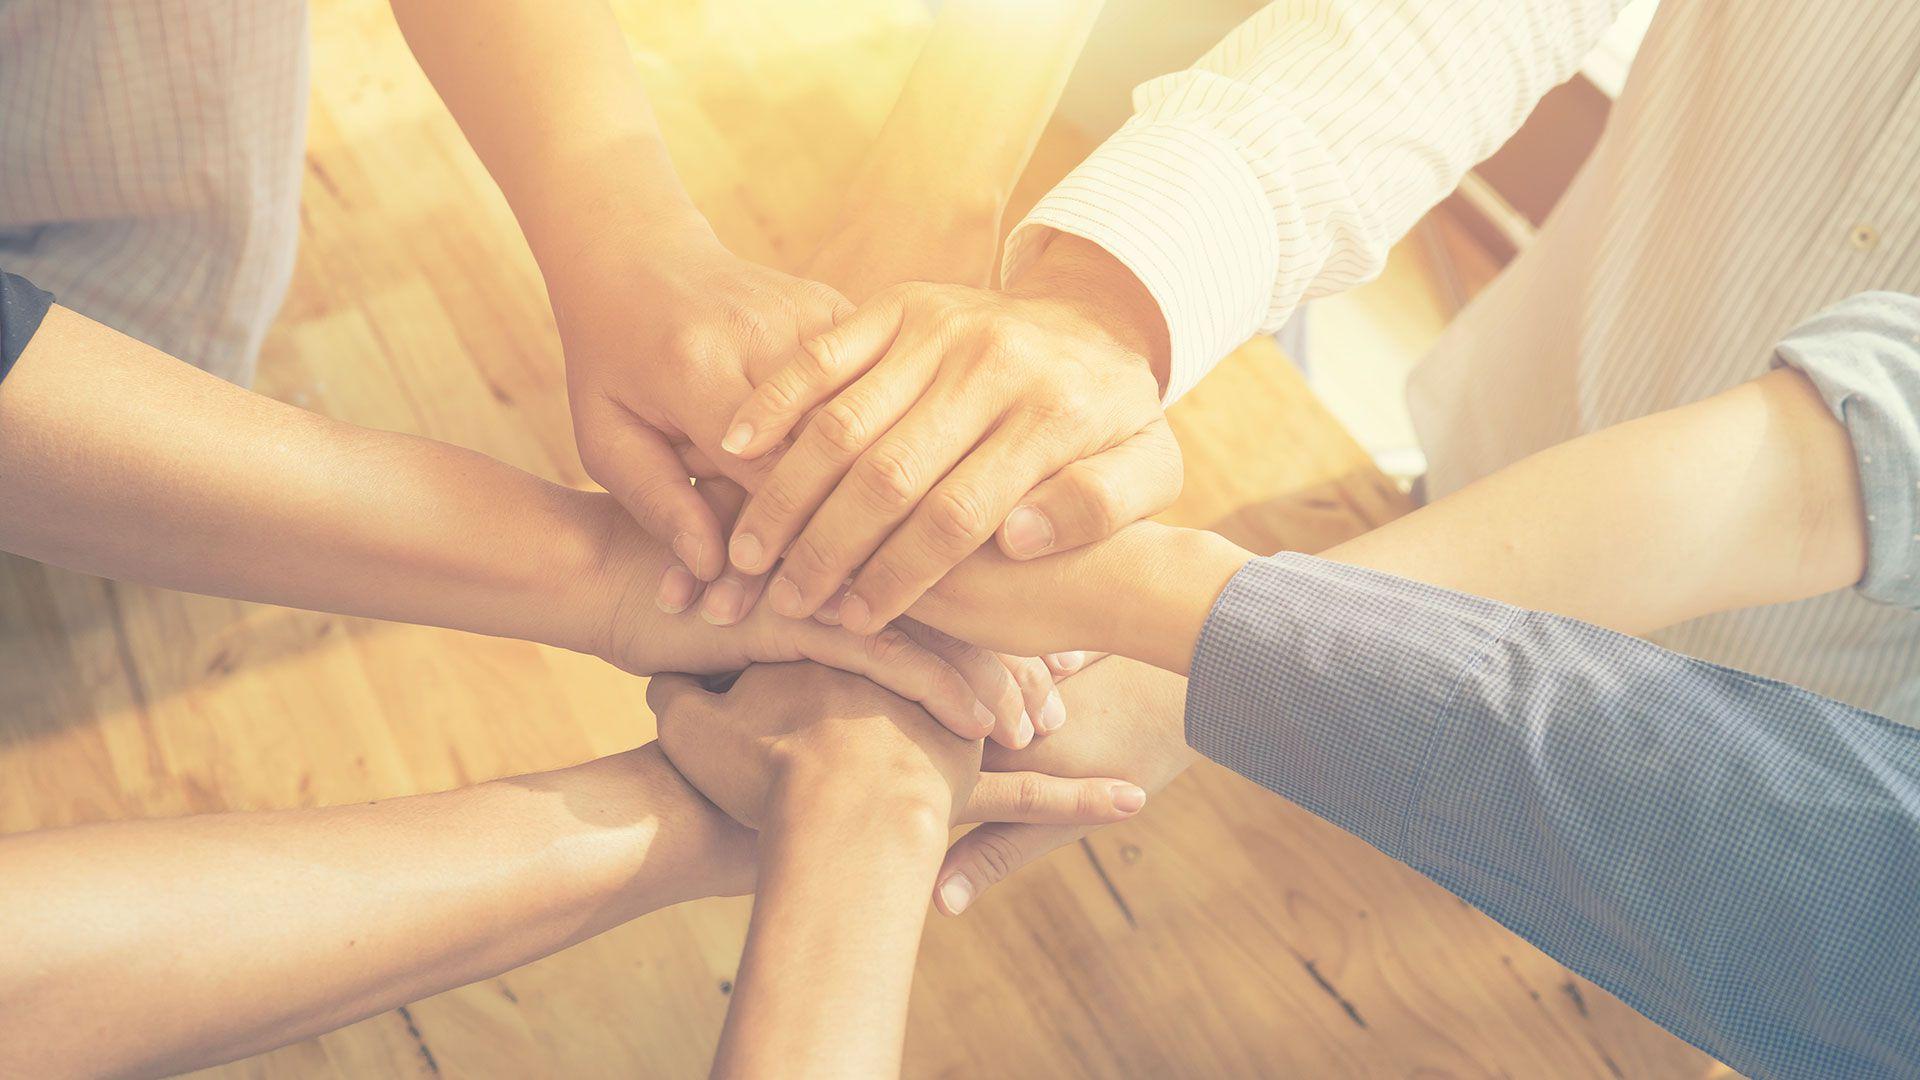 Querer salvar al otro es una manera de no querer ver las propias heridas (Shutterstock)